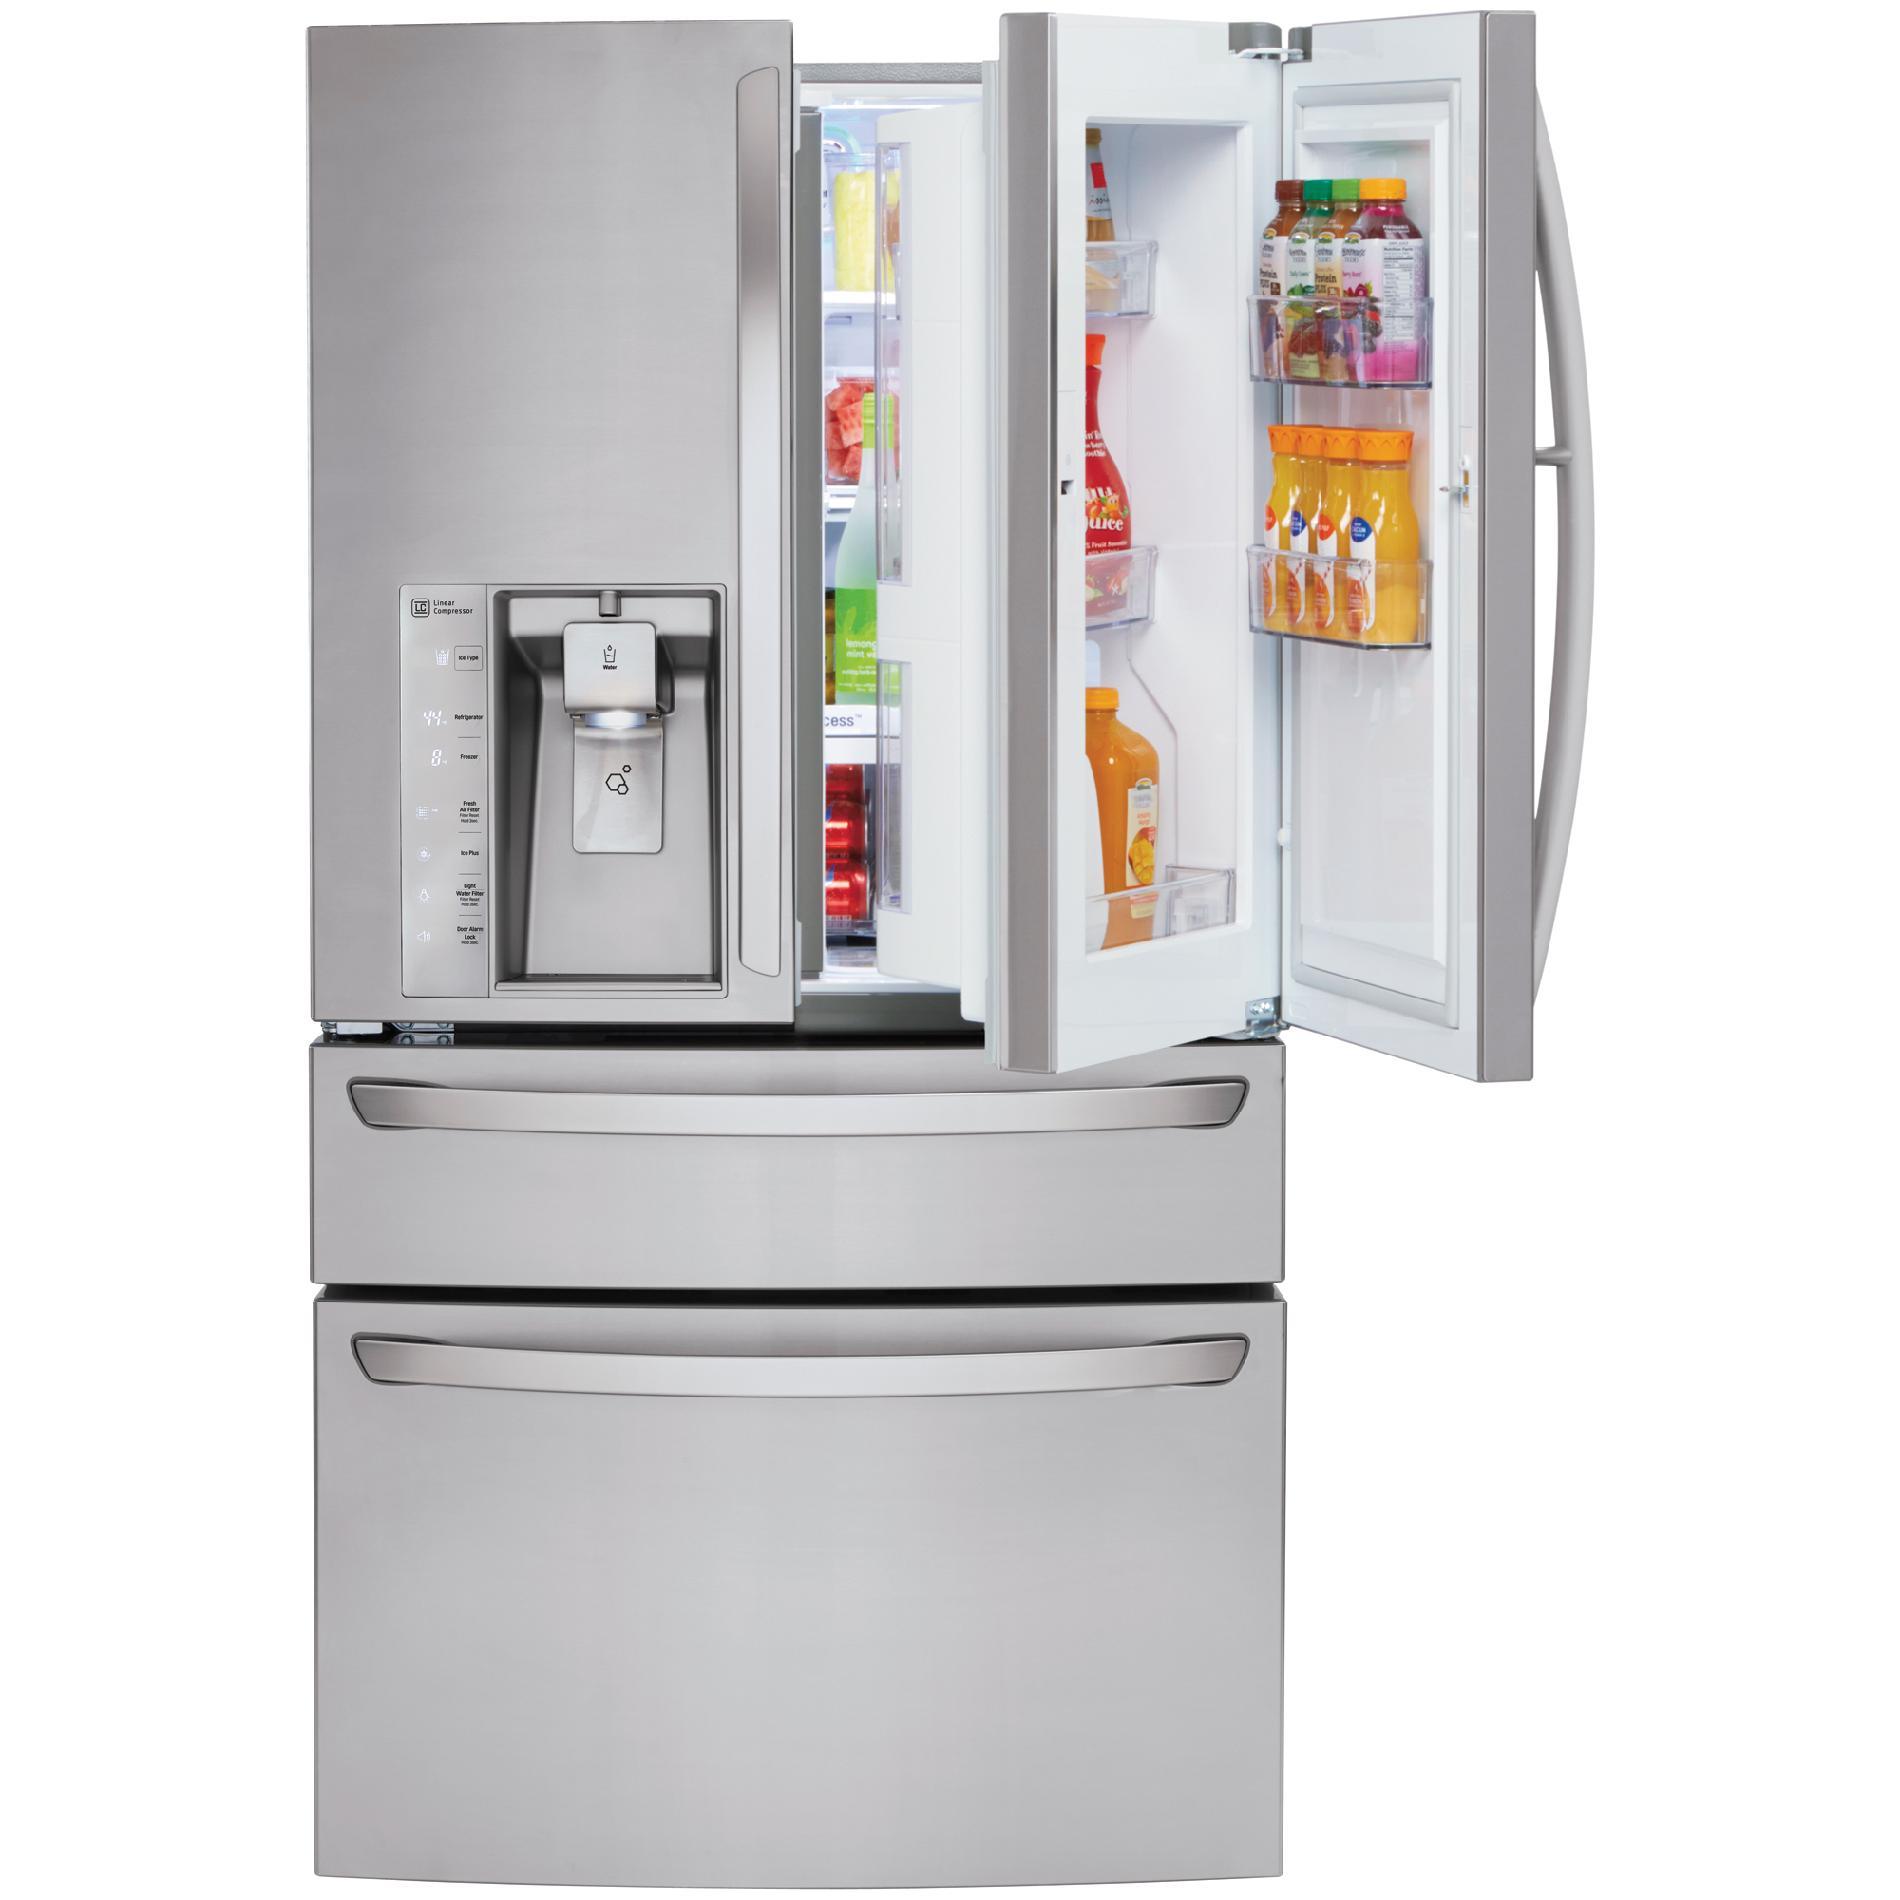 LG LMXS30776S 29.7 cu. ft. 4-Door French Door Refrigerator